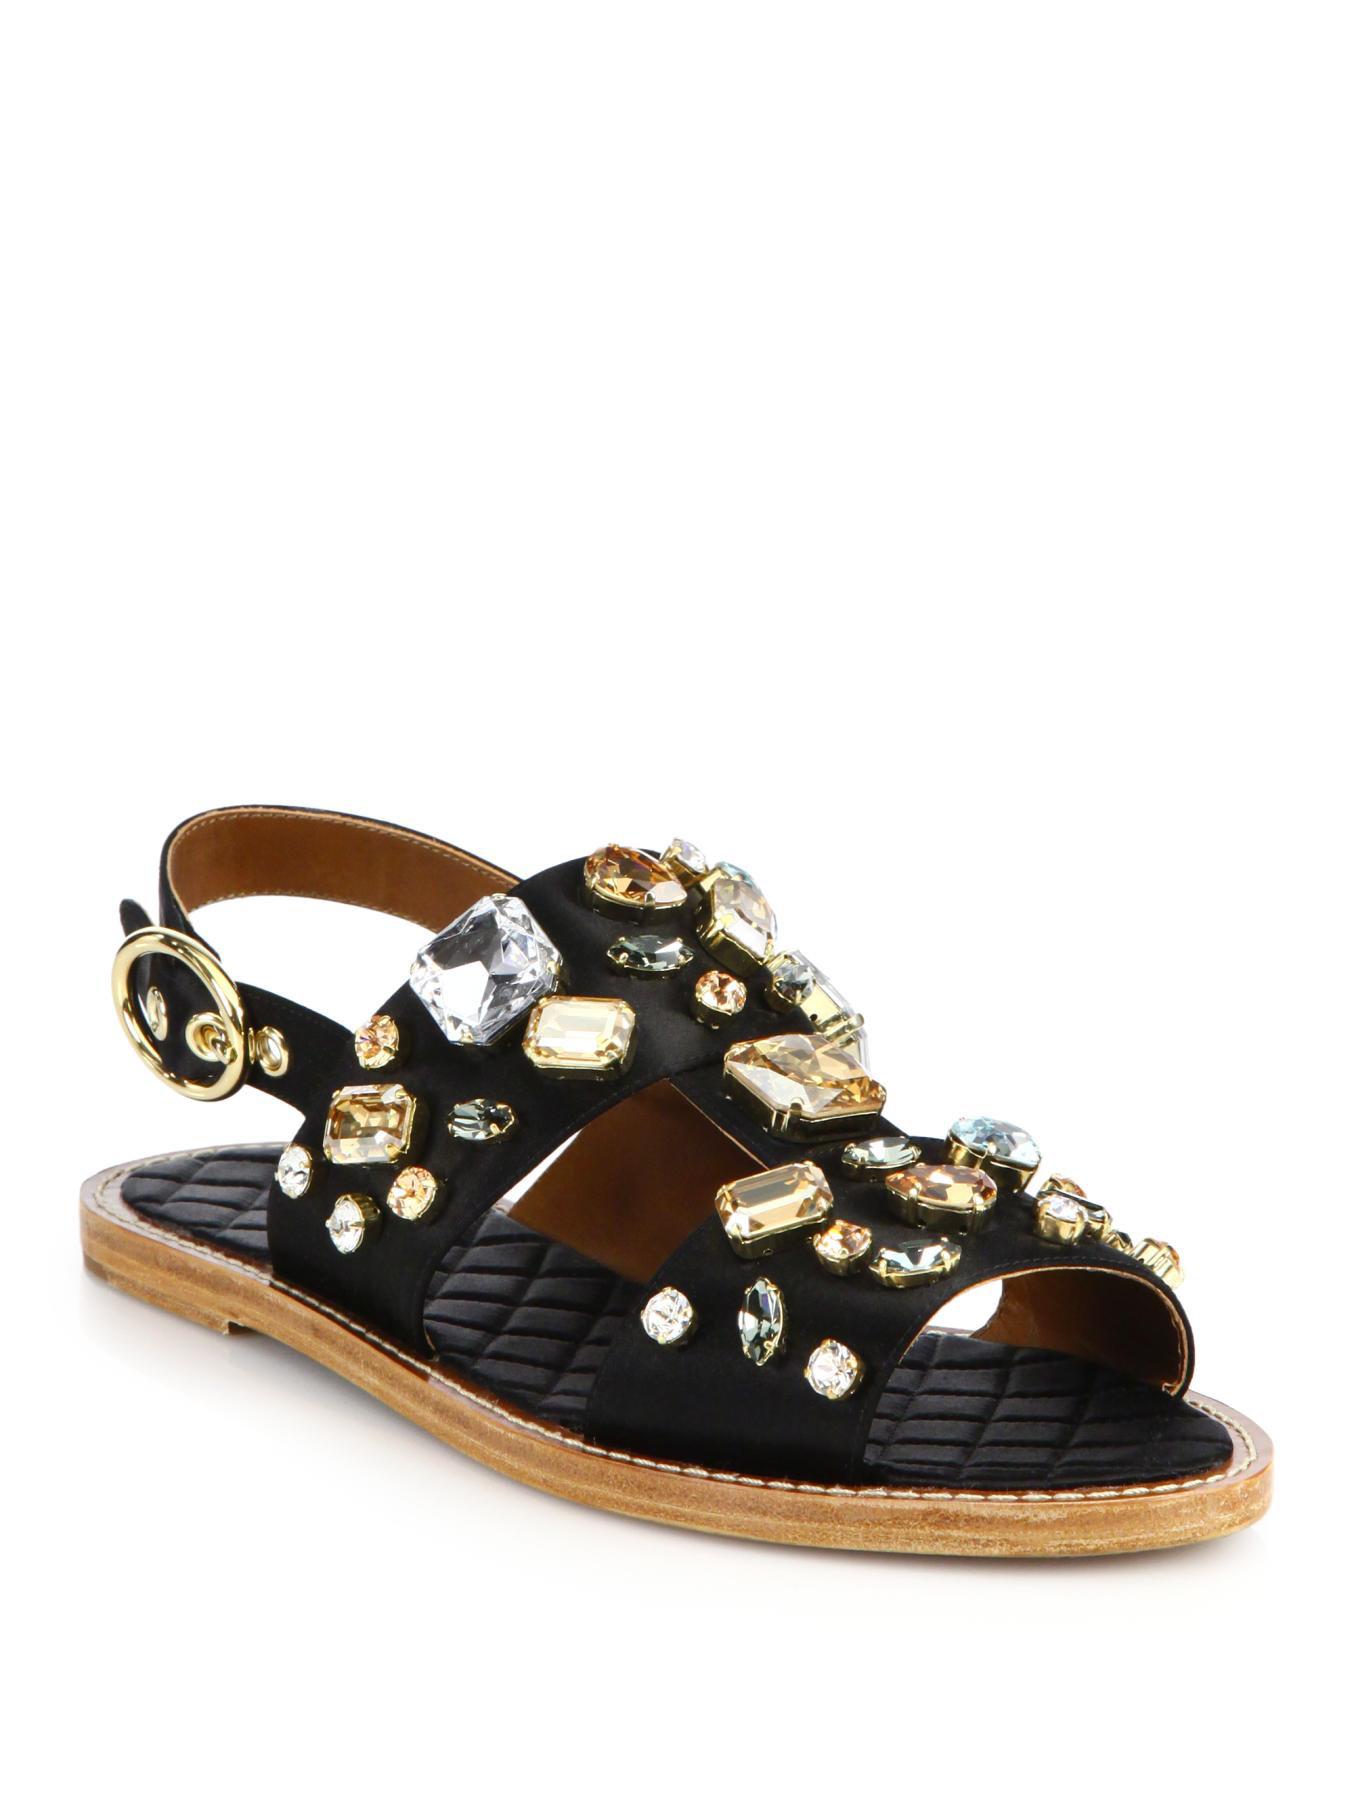 Dolce Amp Gabbana Embellished Satin Sandals Lyst